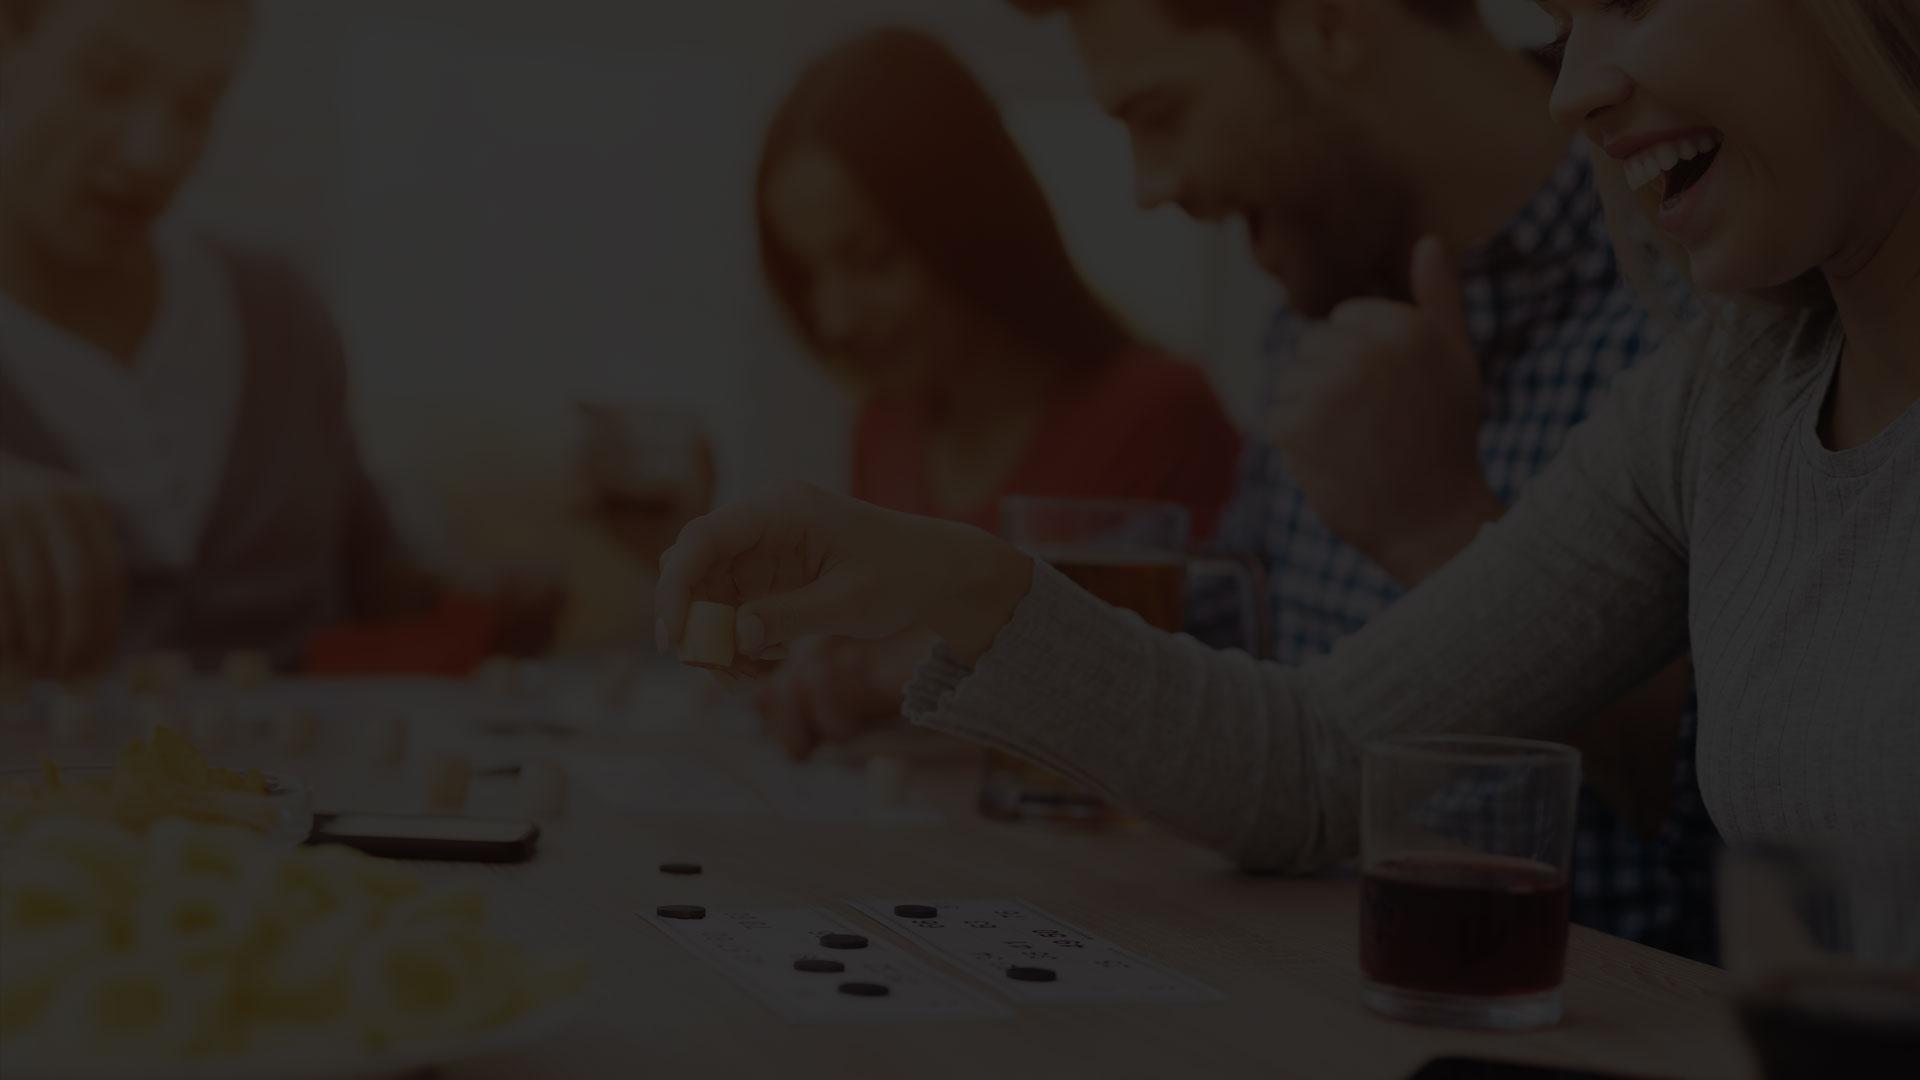 Apprendre le Bingo pour gagner à tous les coups